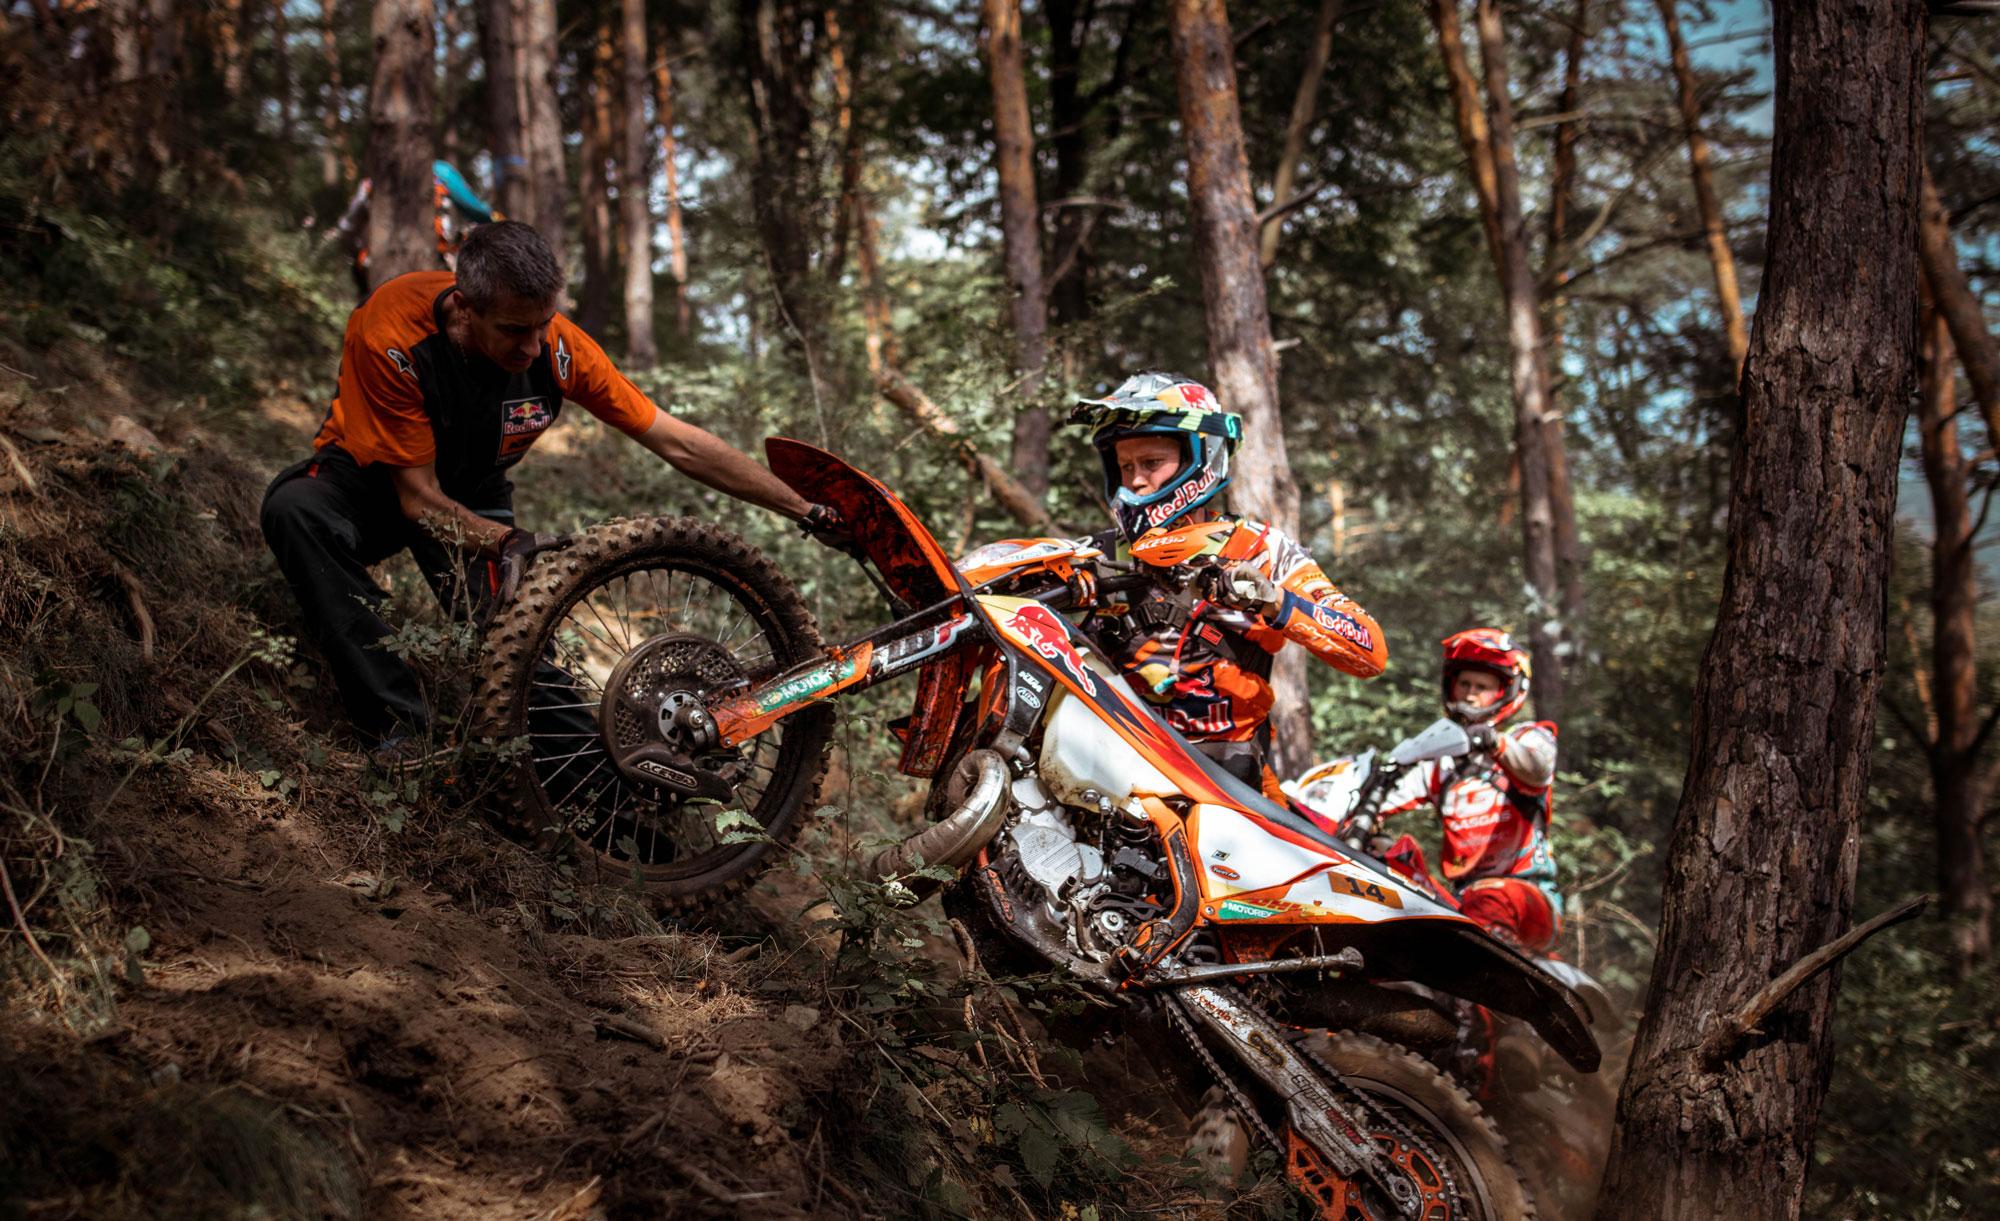 Moto Scouts